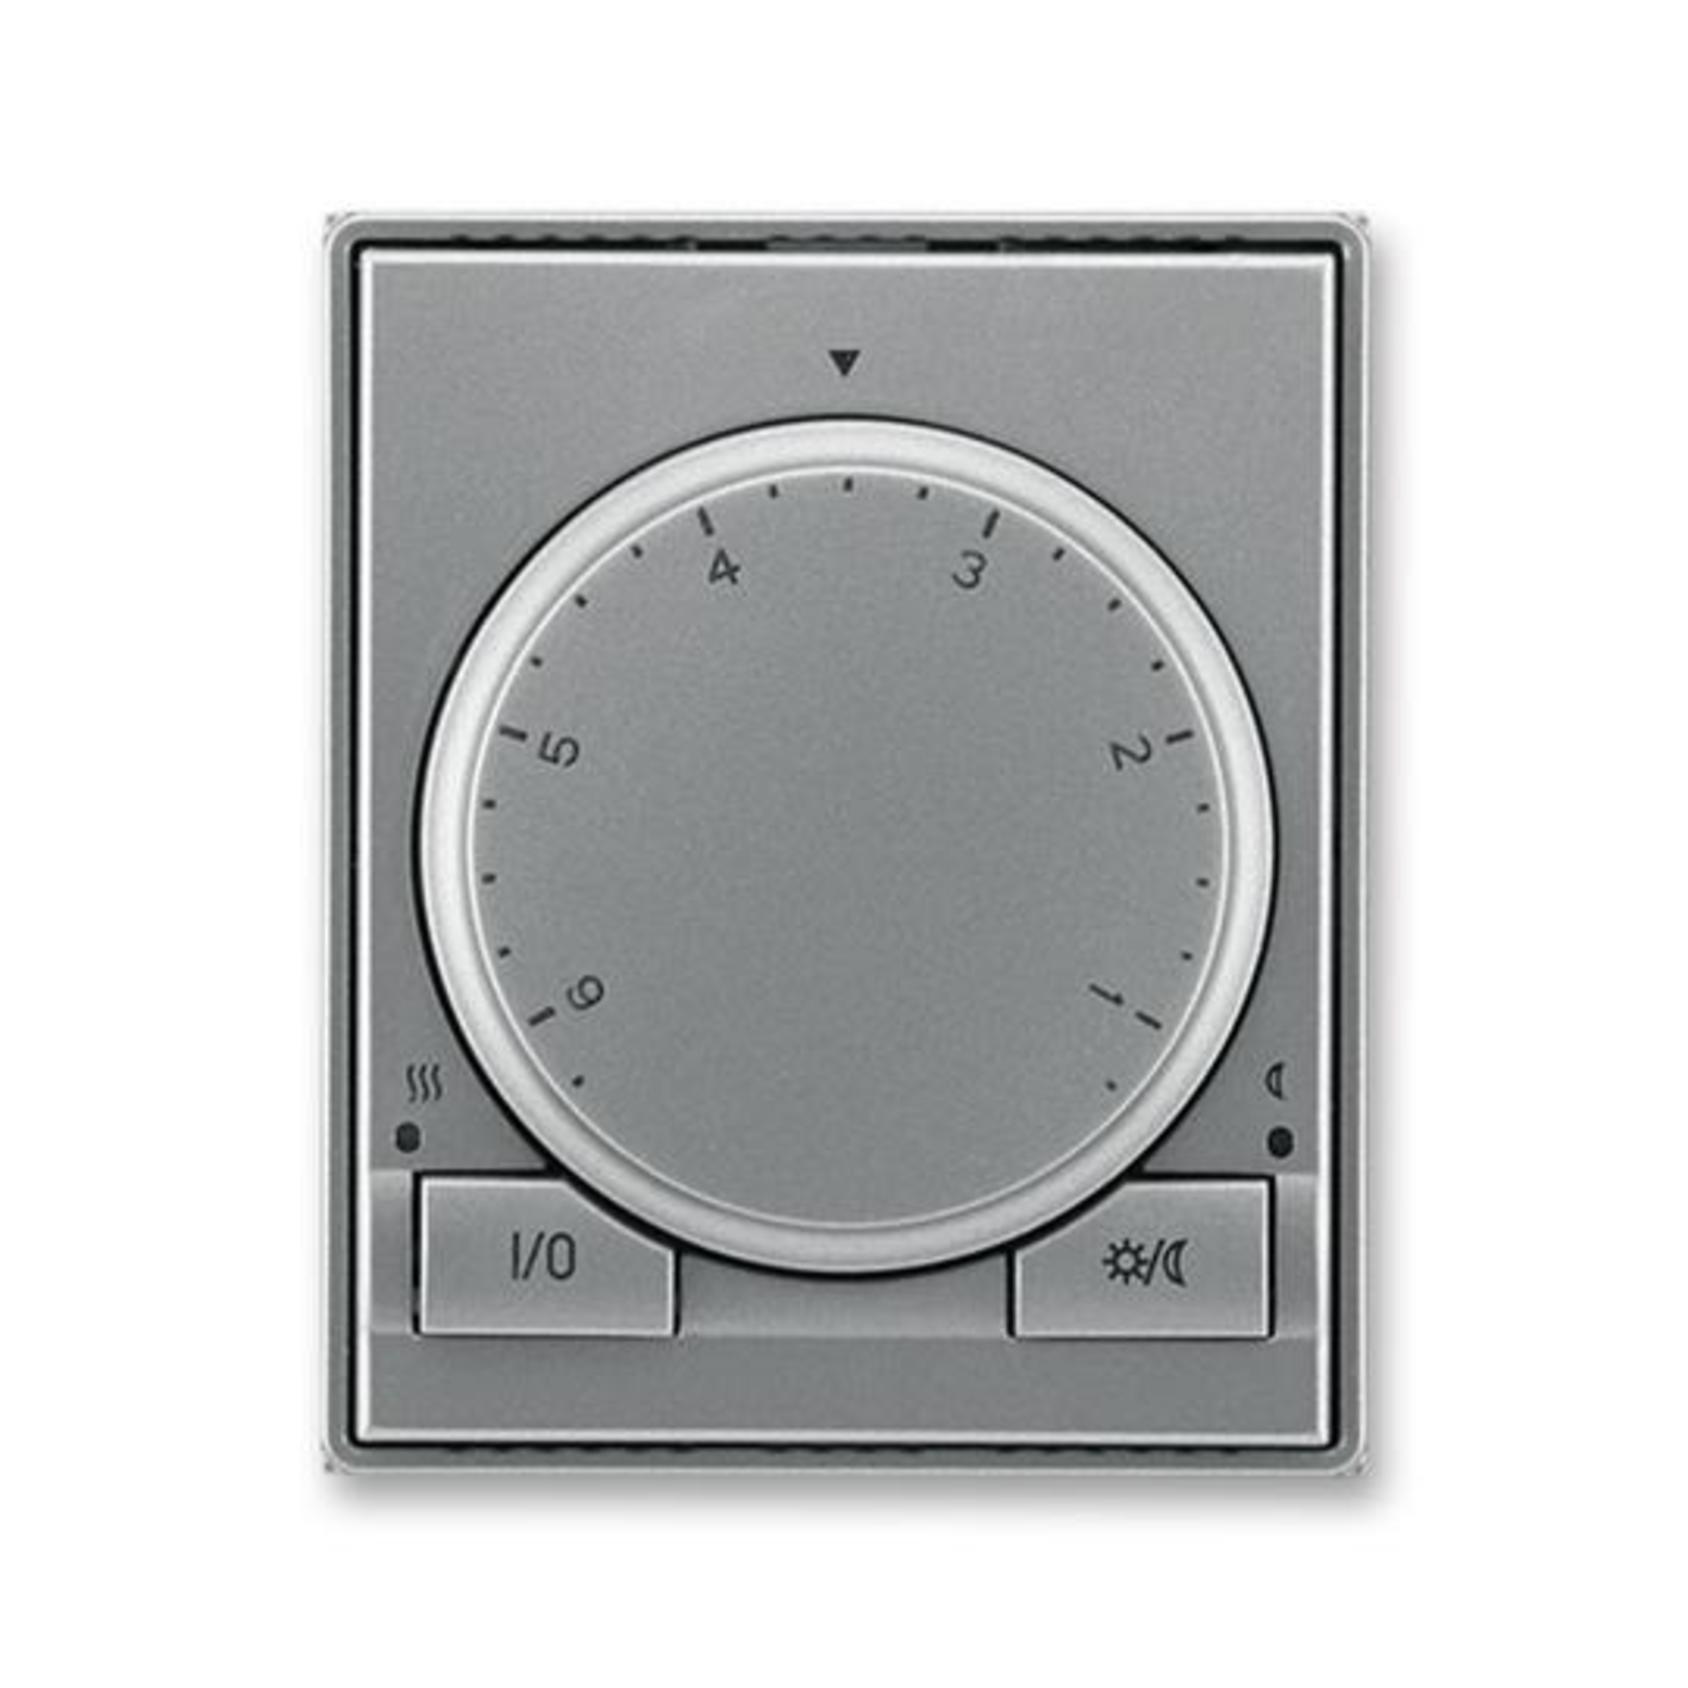 ABB 3292E-A10101 36 Time Termostat univerzální s otočným nastavením teploty (ovl. jednotka)